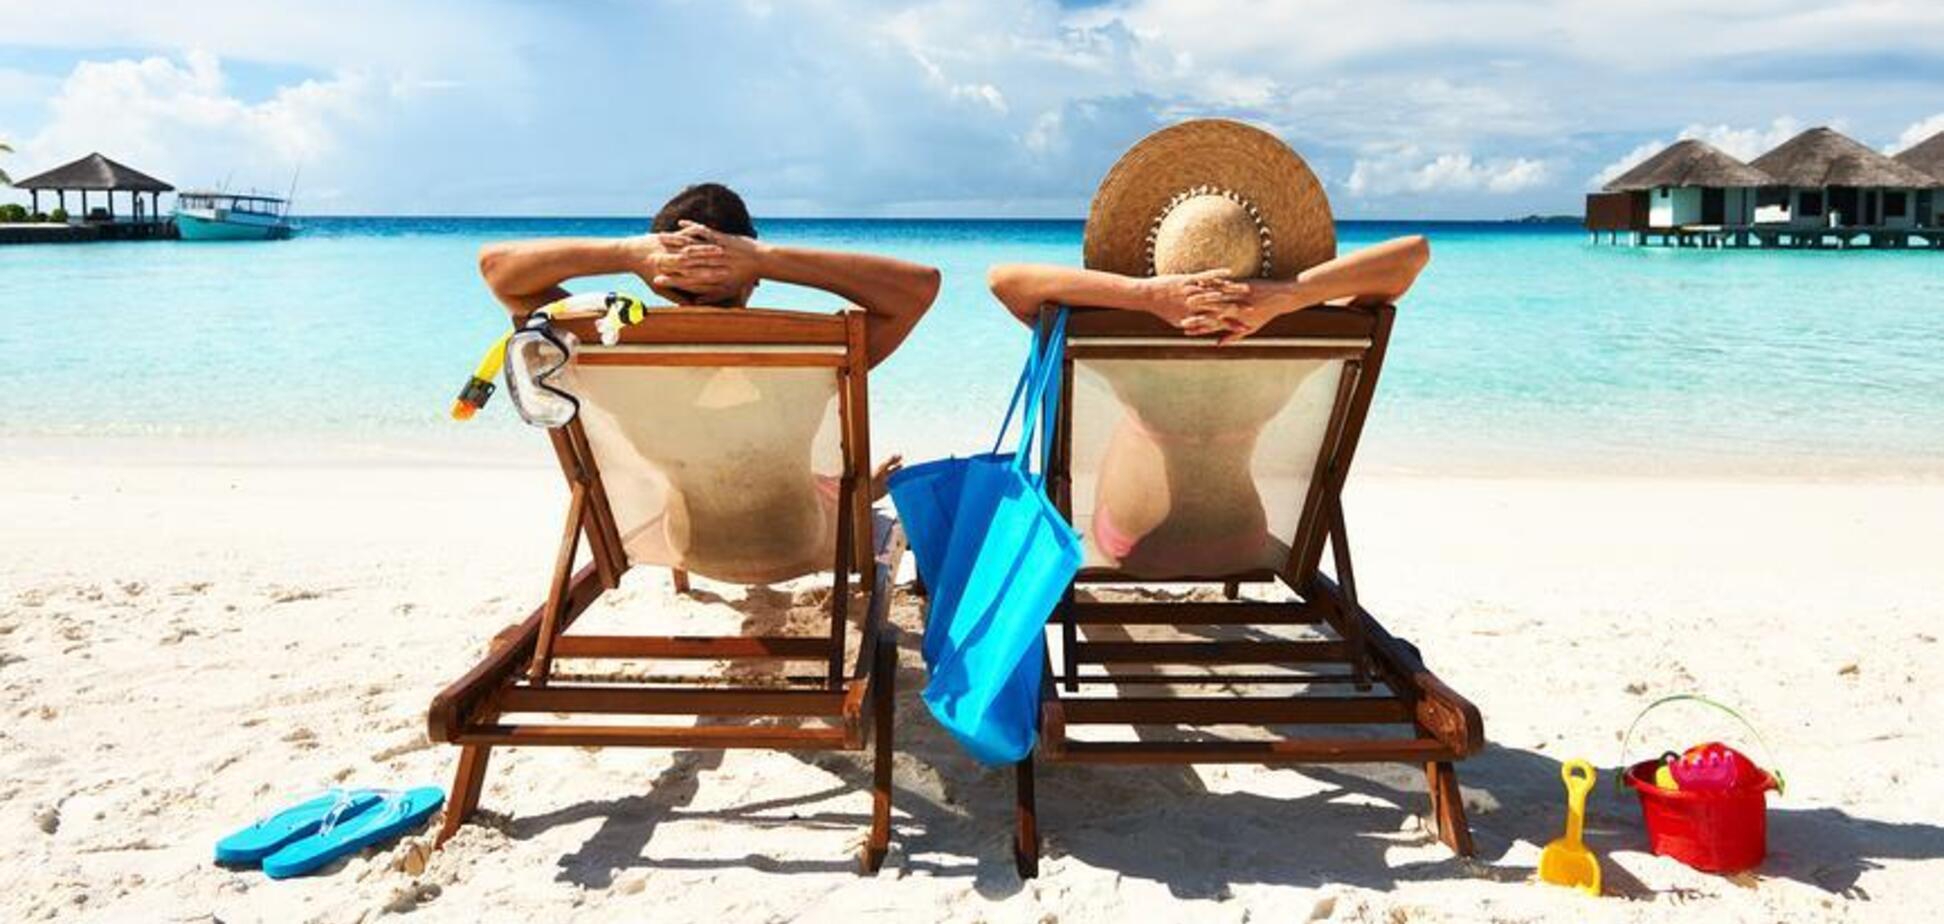 Відпустка за гороскопом: як люблять відпочивати знаки Зодіаку